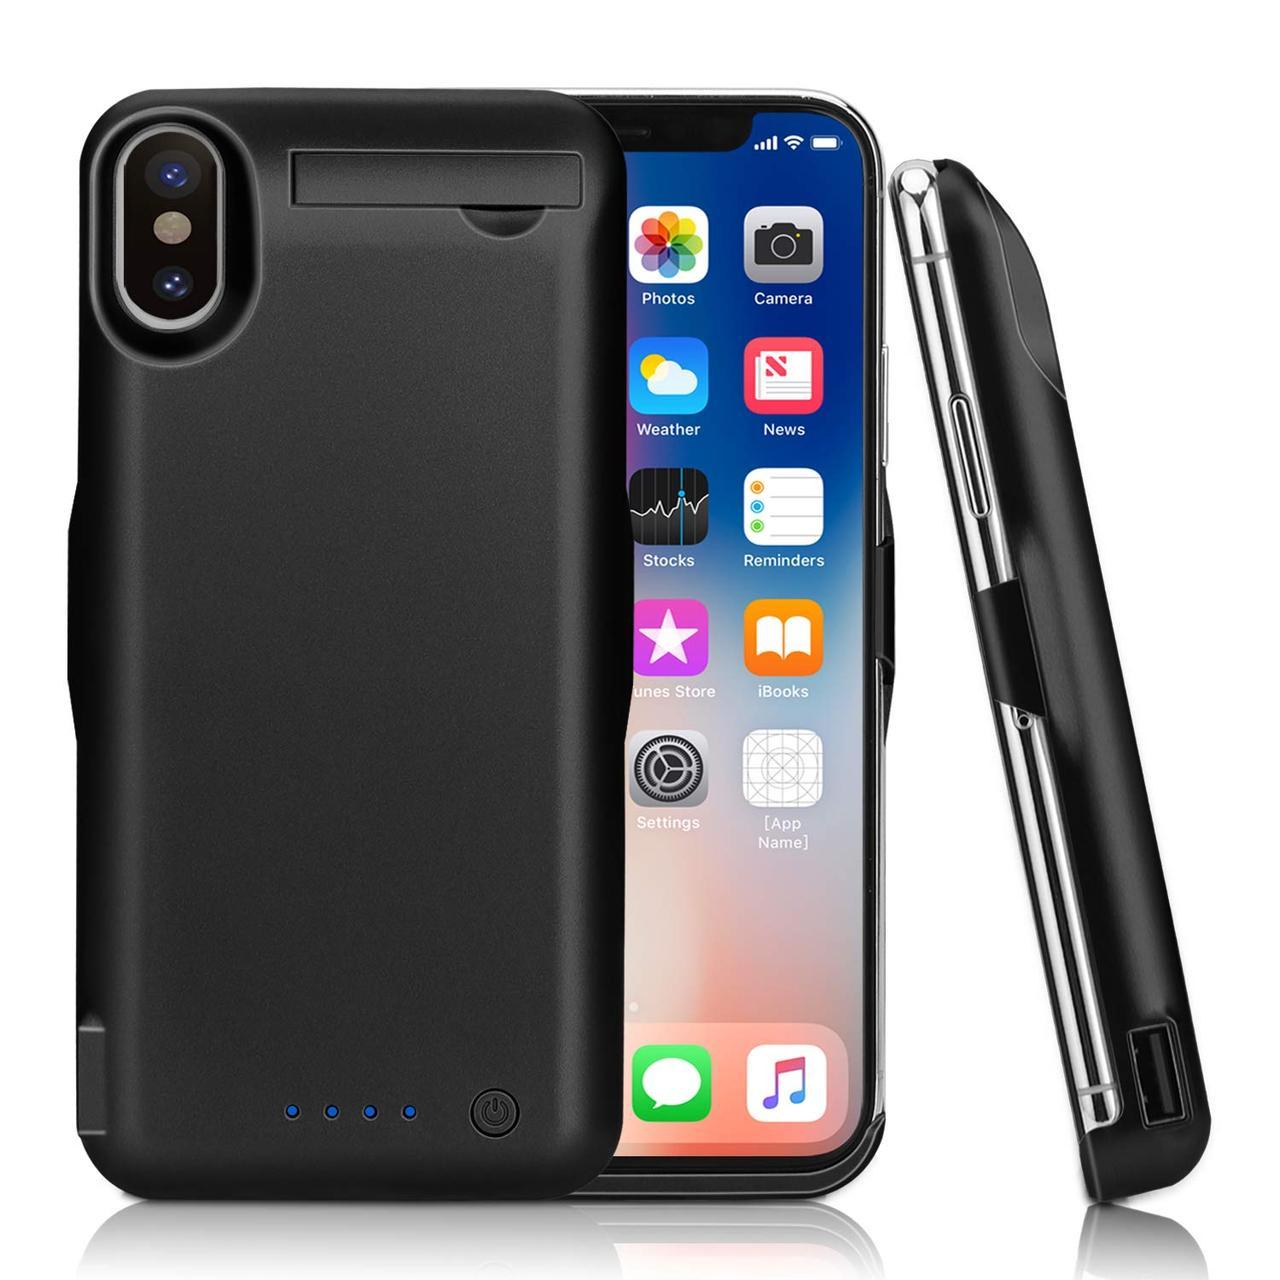 Чохол-зарядний пристрій Epuirie 10000mAh для iPhone X (5,8 дюйма) чорний